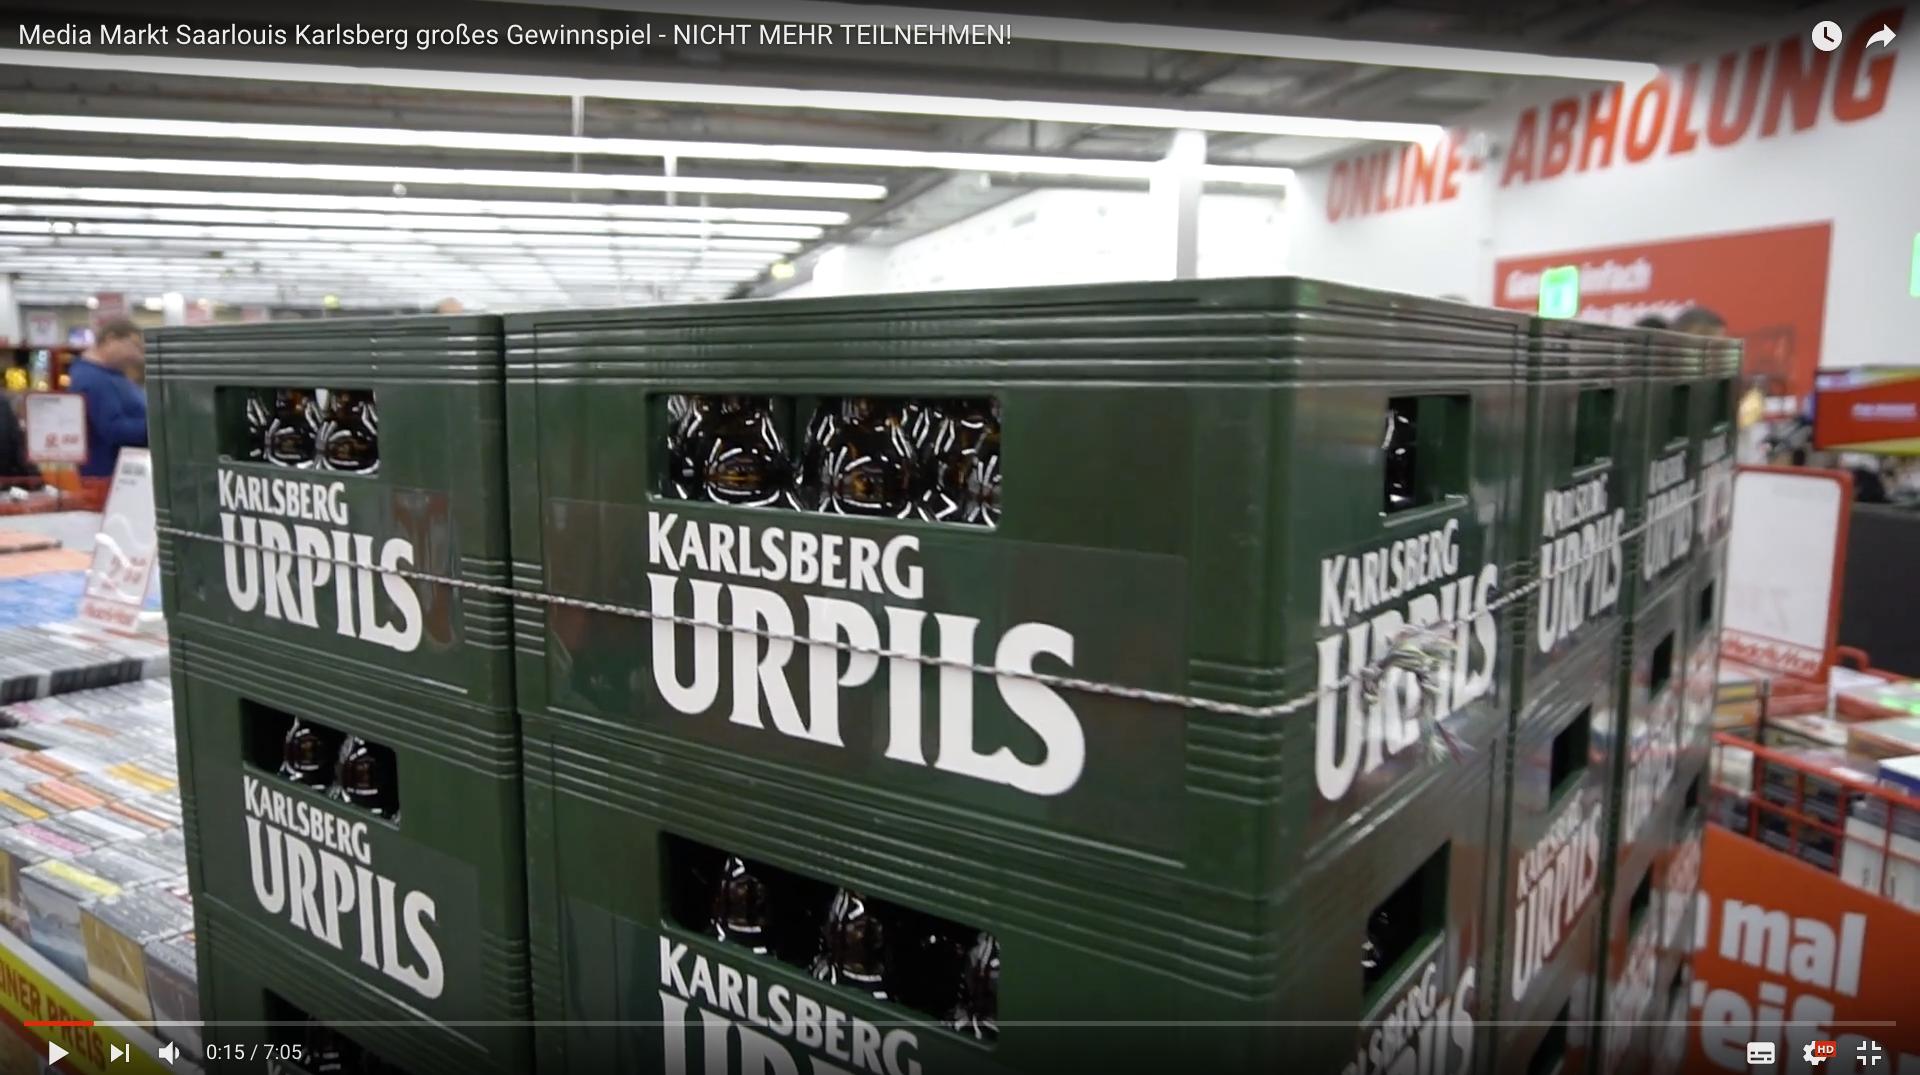 2017 Media Markt Saarlouis Karlsberg großes Gewinnspiel Karlsberg _MSM_MEDIEN_SAAR_MOSEL_SAARLAND_FERNSEHEN_1_ED_SAAR